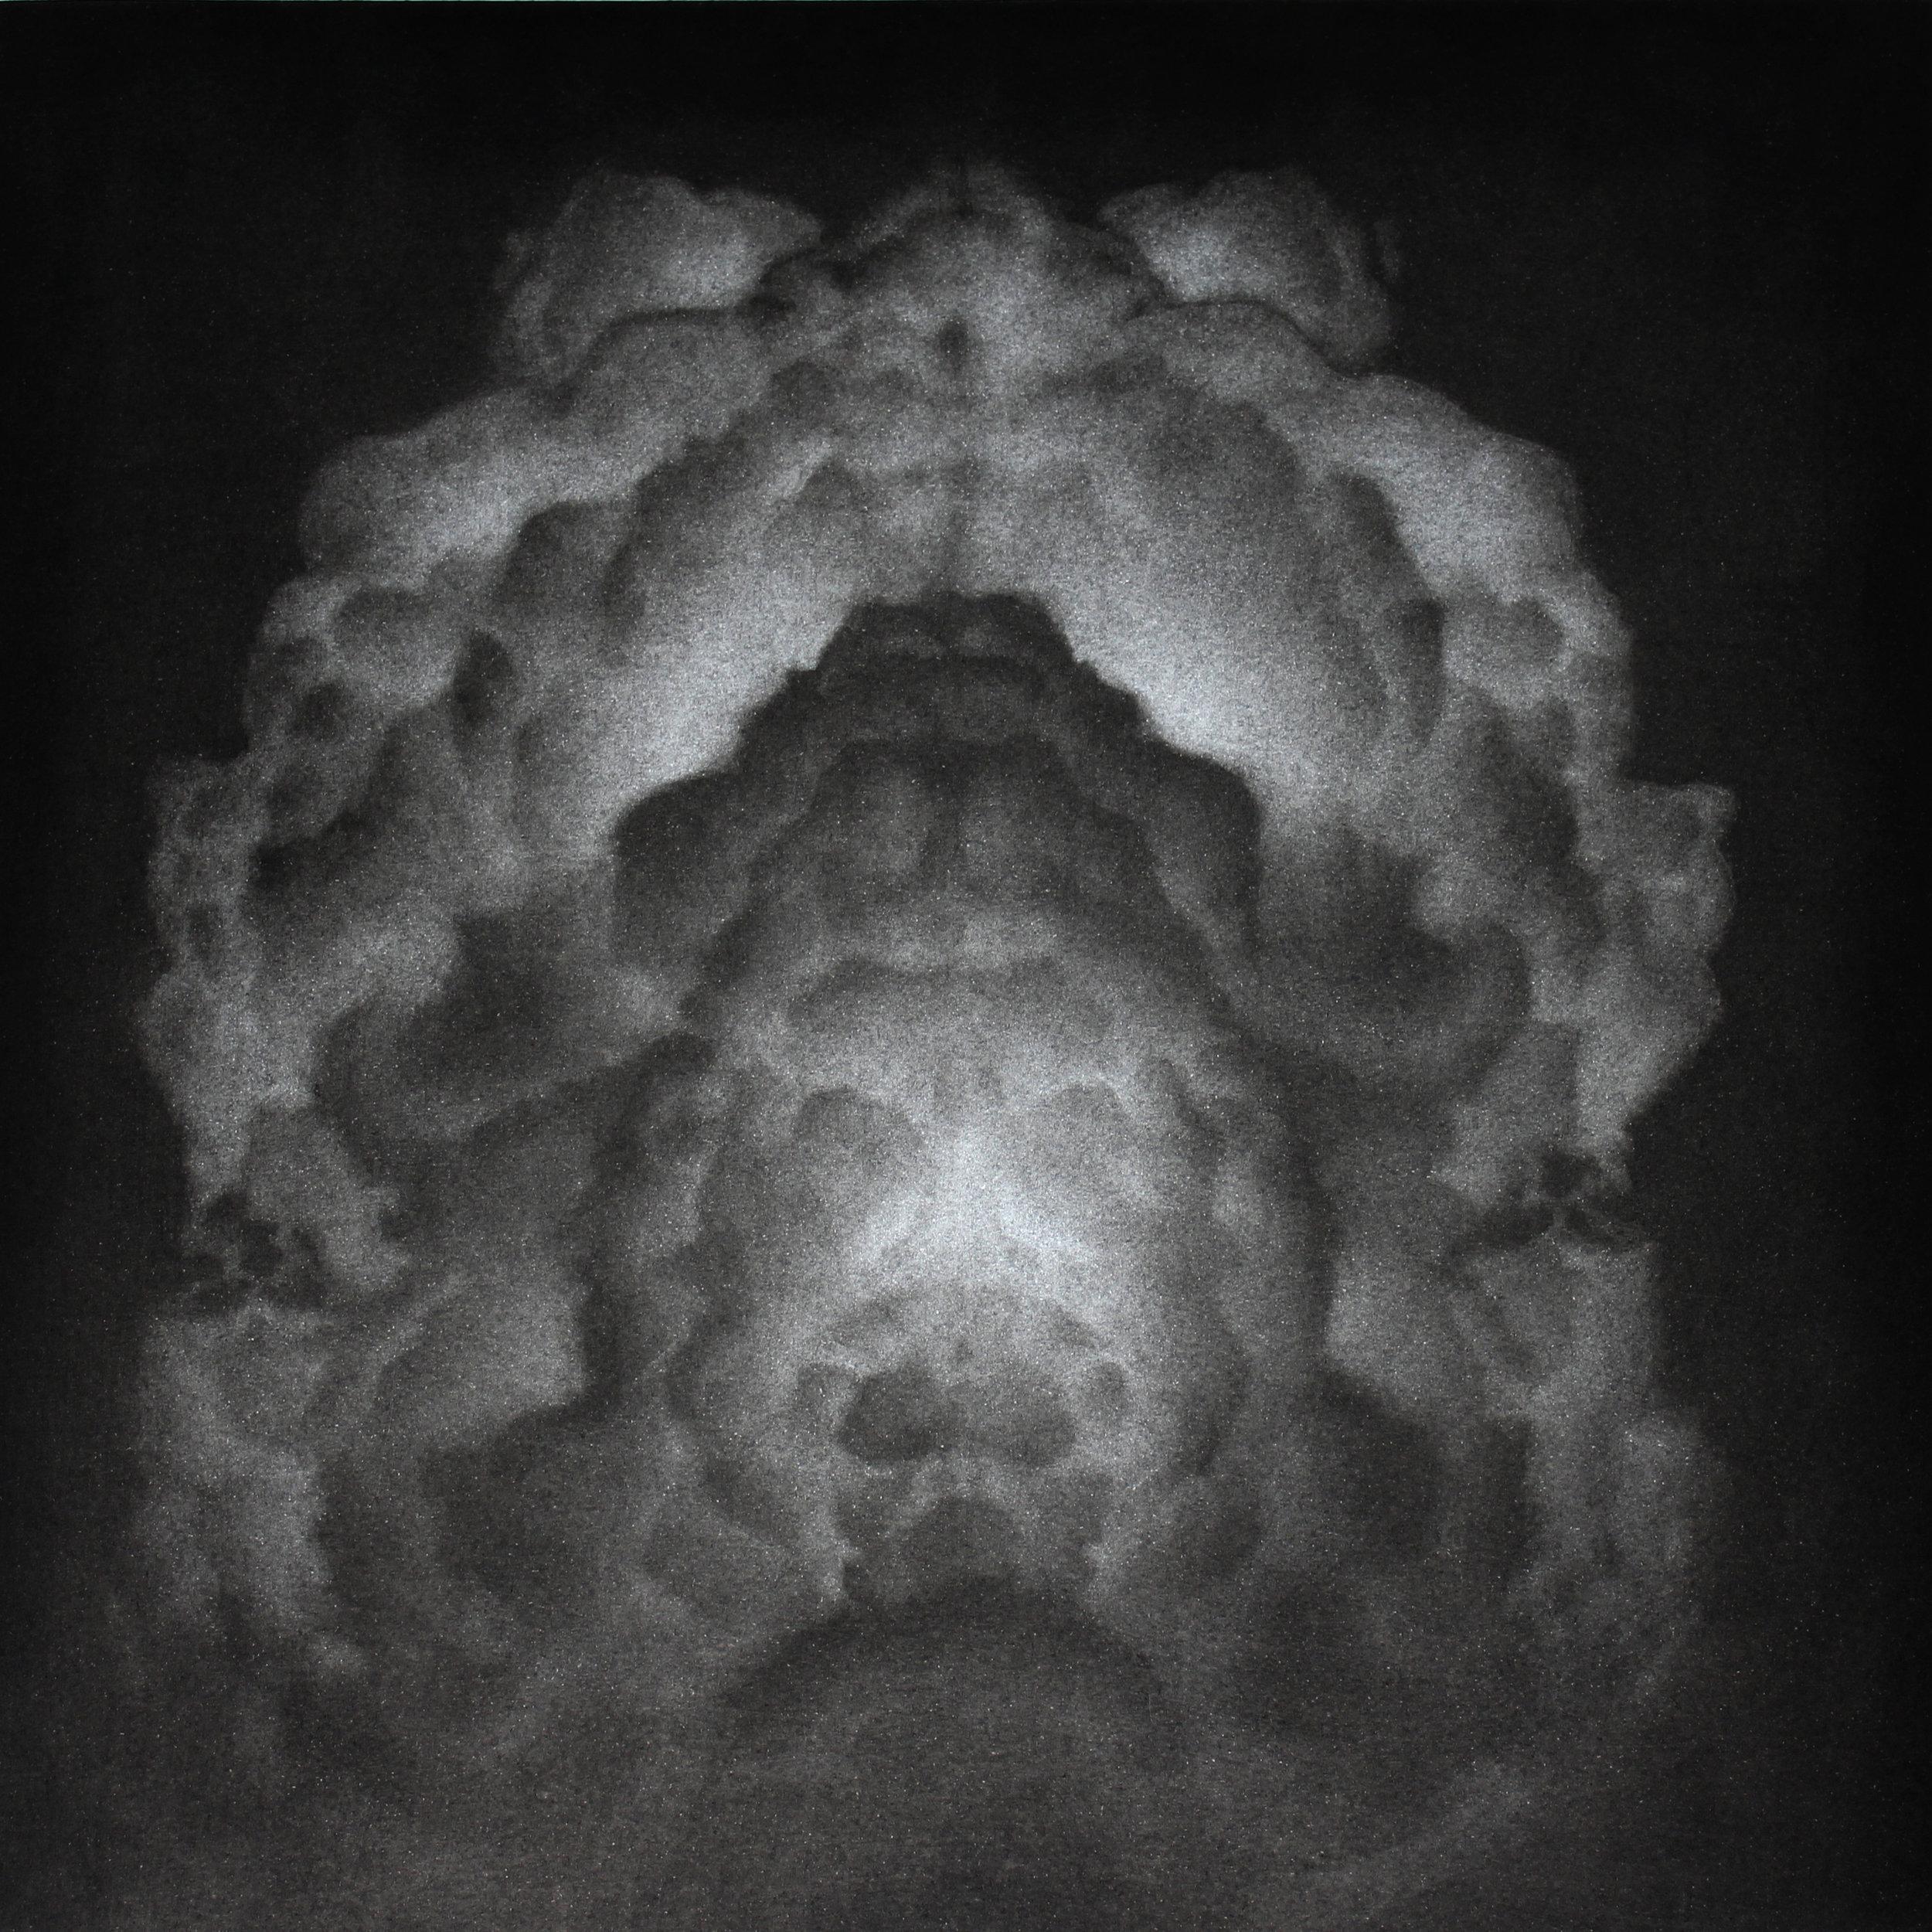 Simetrías celestes I